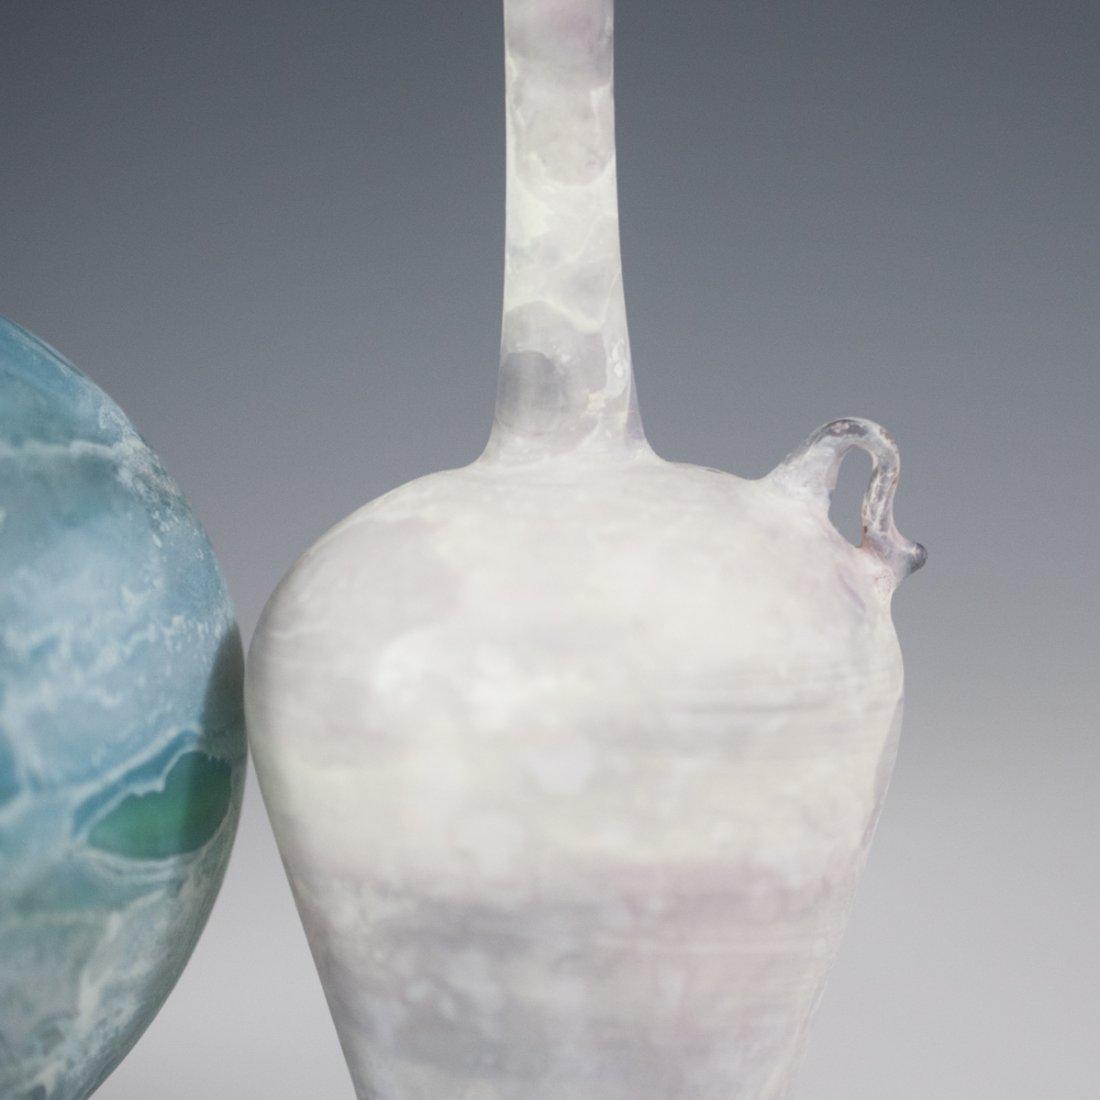 Israeli Glass Vases - 2